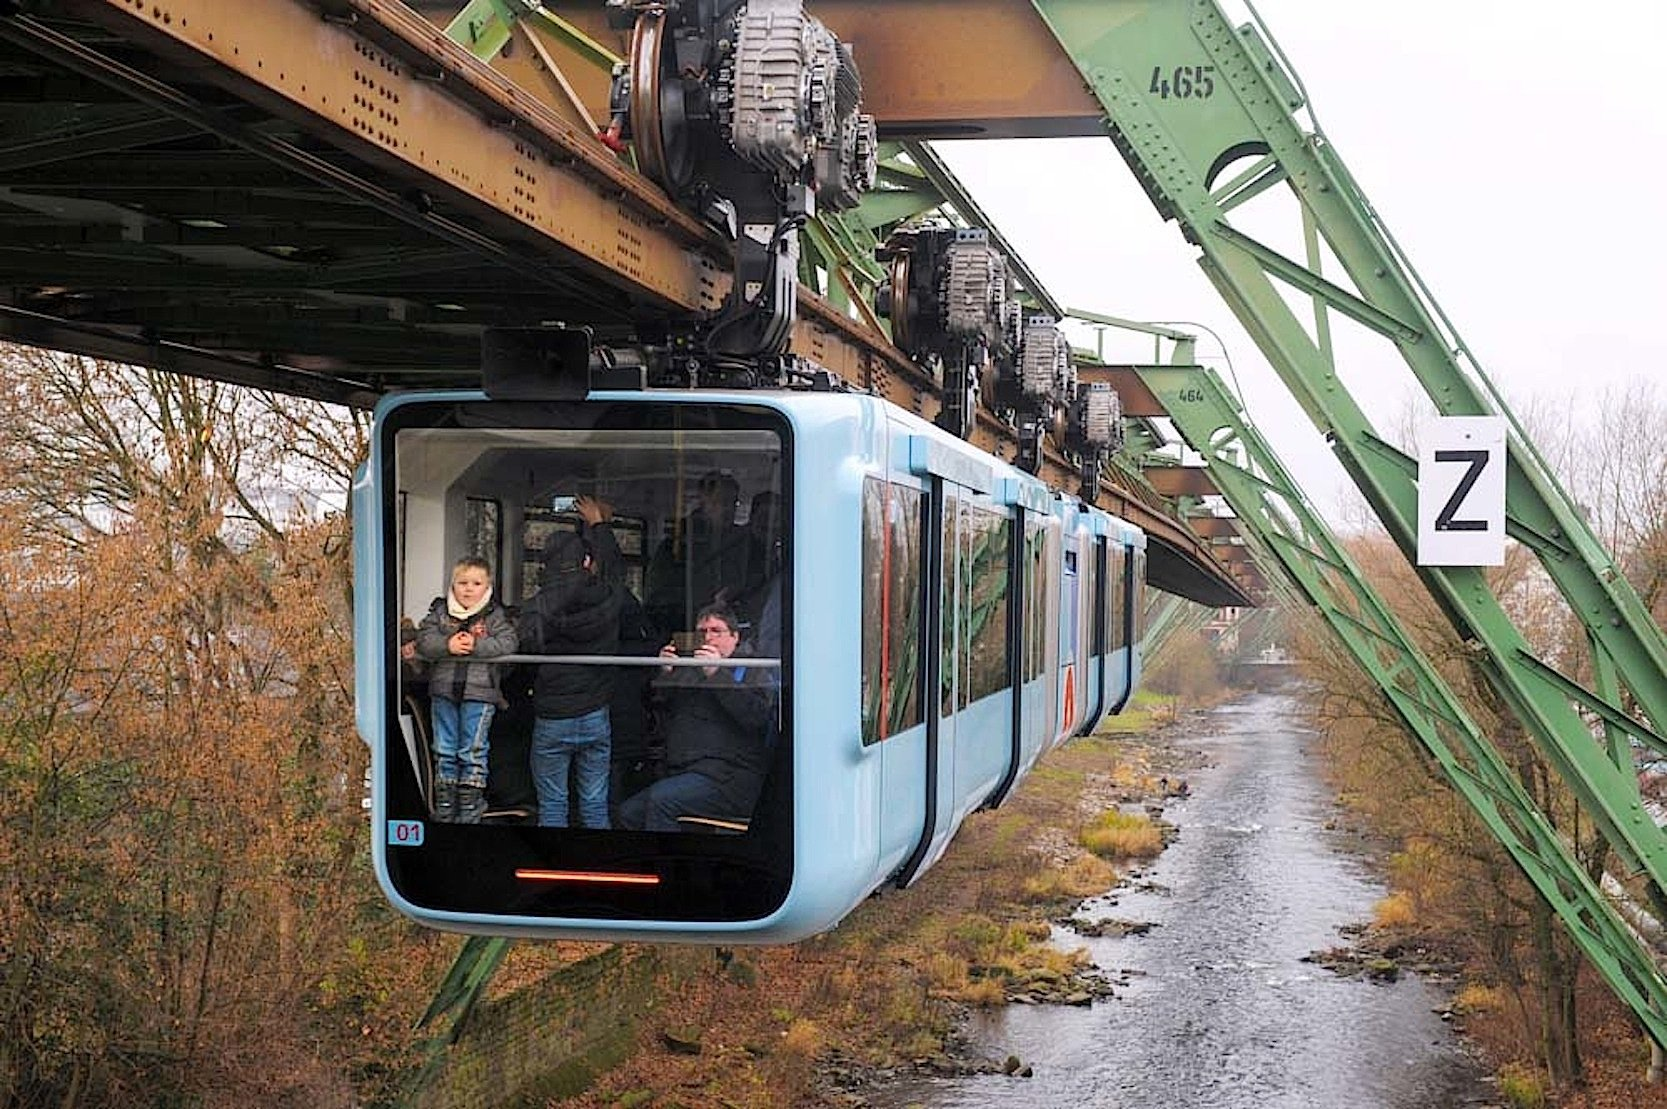 Die Wuppertaler Schwebebahn fährt zum Teil direkt über der Wupper. Angetrieben wird jeder Zug von vierDrehstromasynchronmotoren, die auf dem Foto deutlich zu sehen sind.